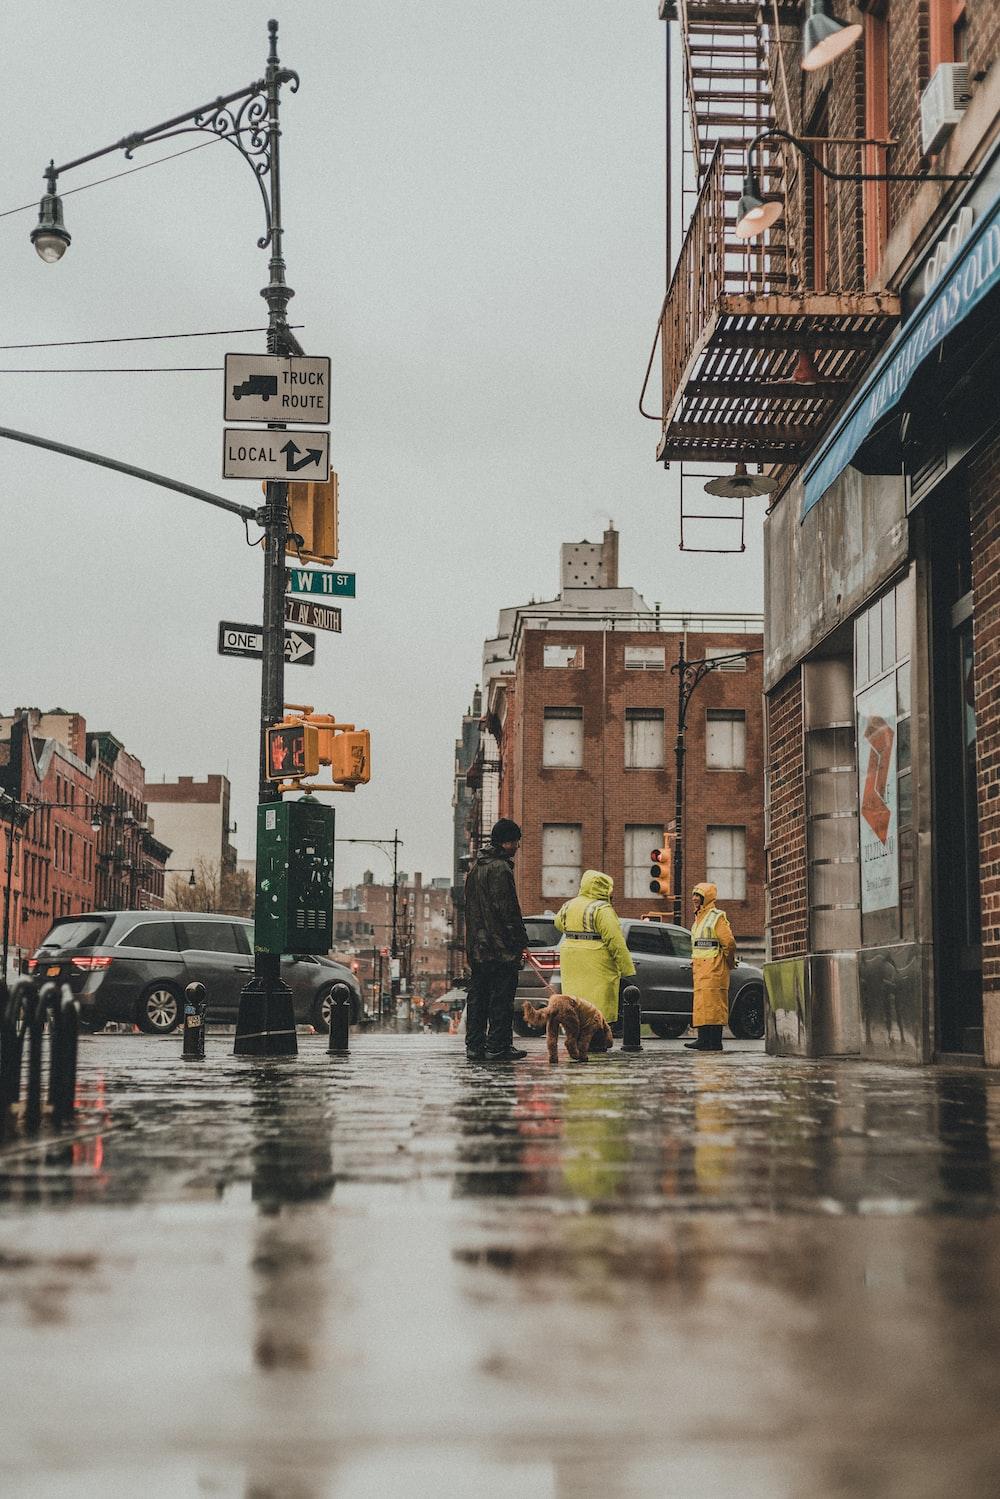 man in yellow jacket walking on street during daytime